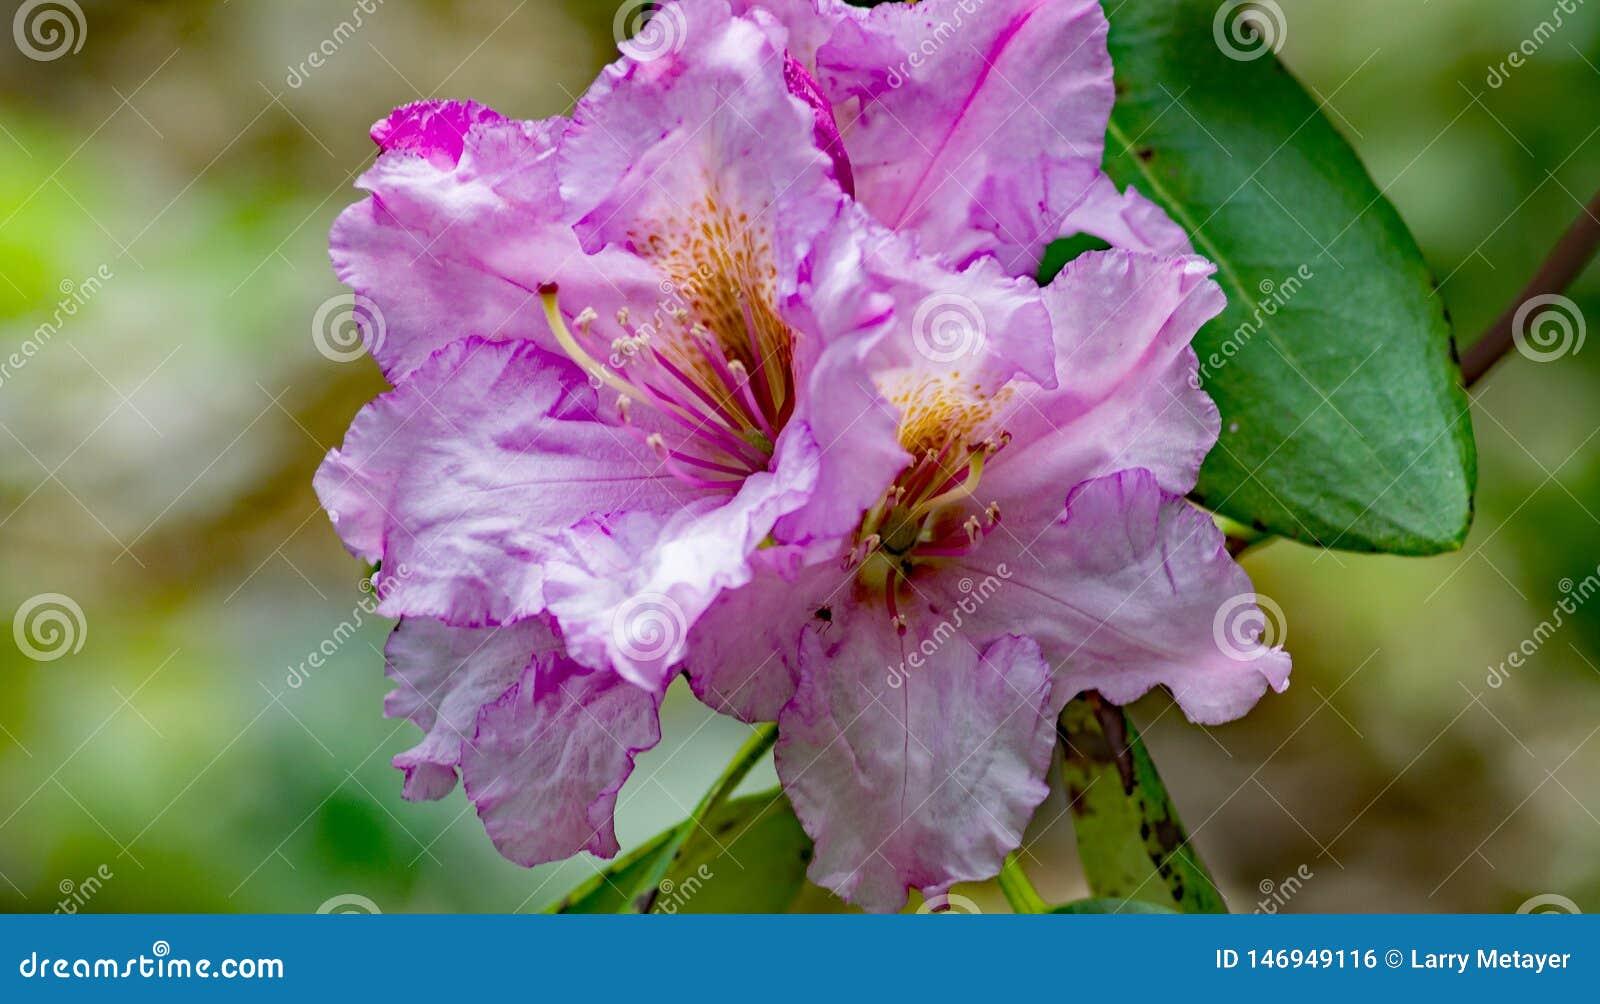 A Close-up of a Group Purple Azalea Flowers